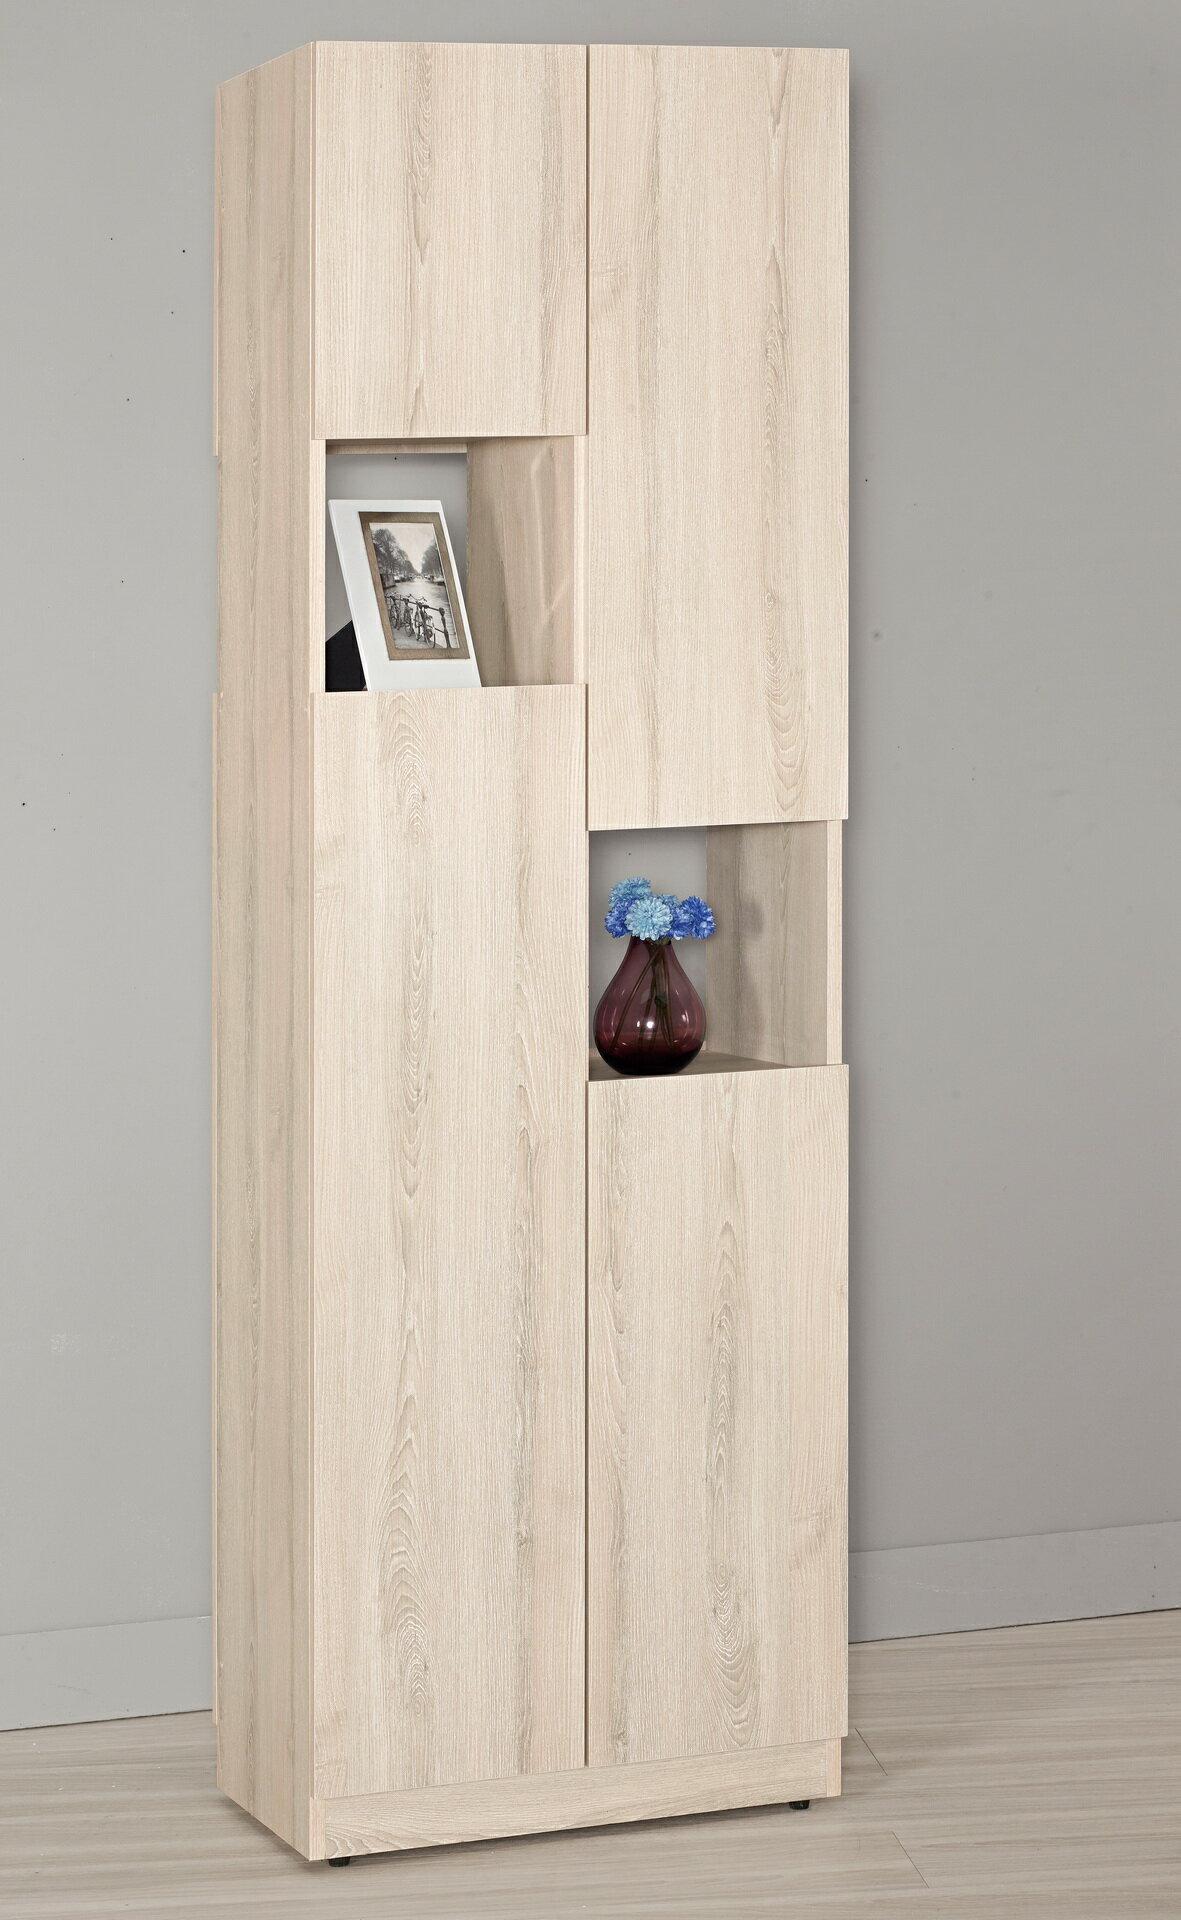 【尚品傢俱】CM-840-2 達爾維2尺雙面屏風鞋櫃